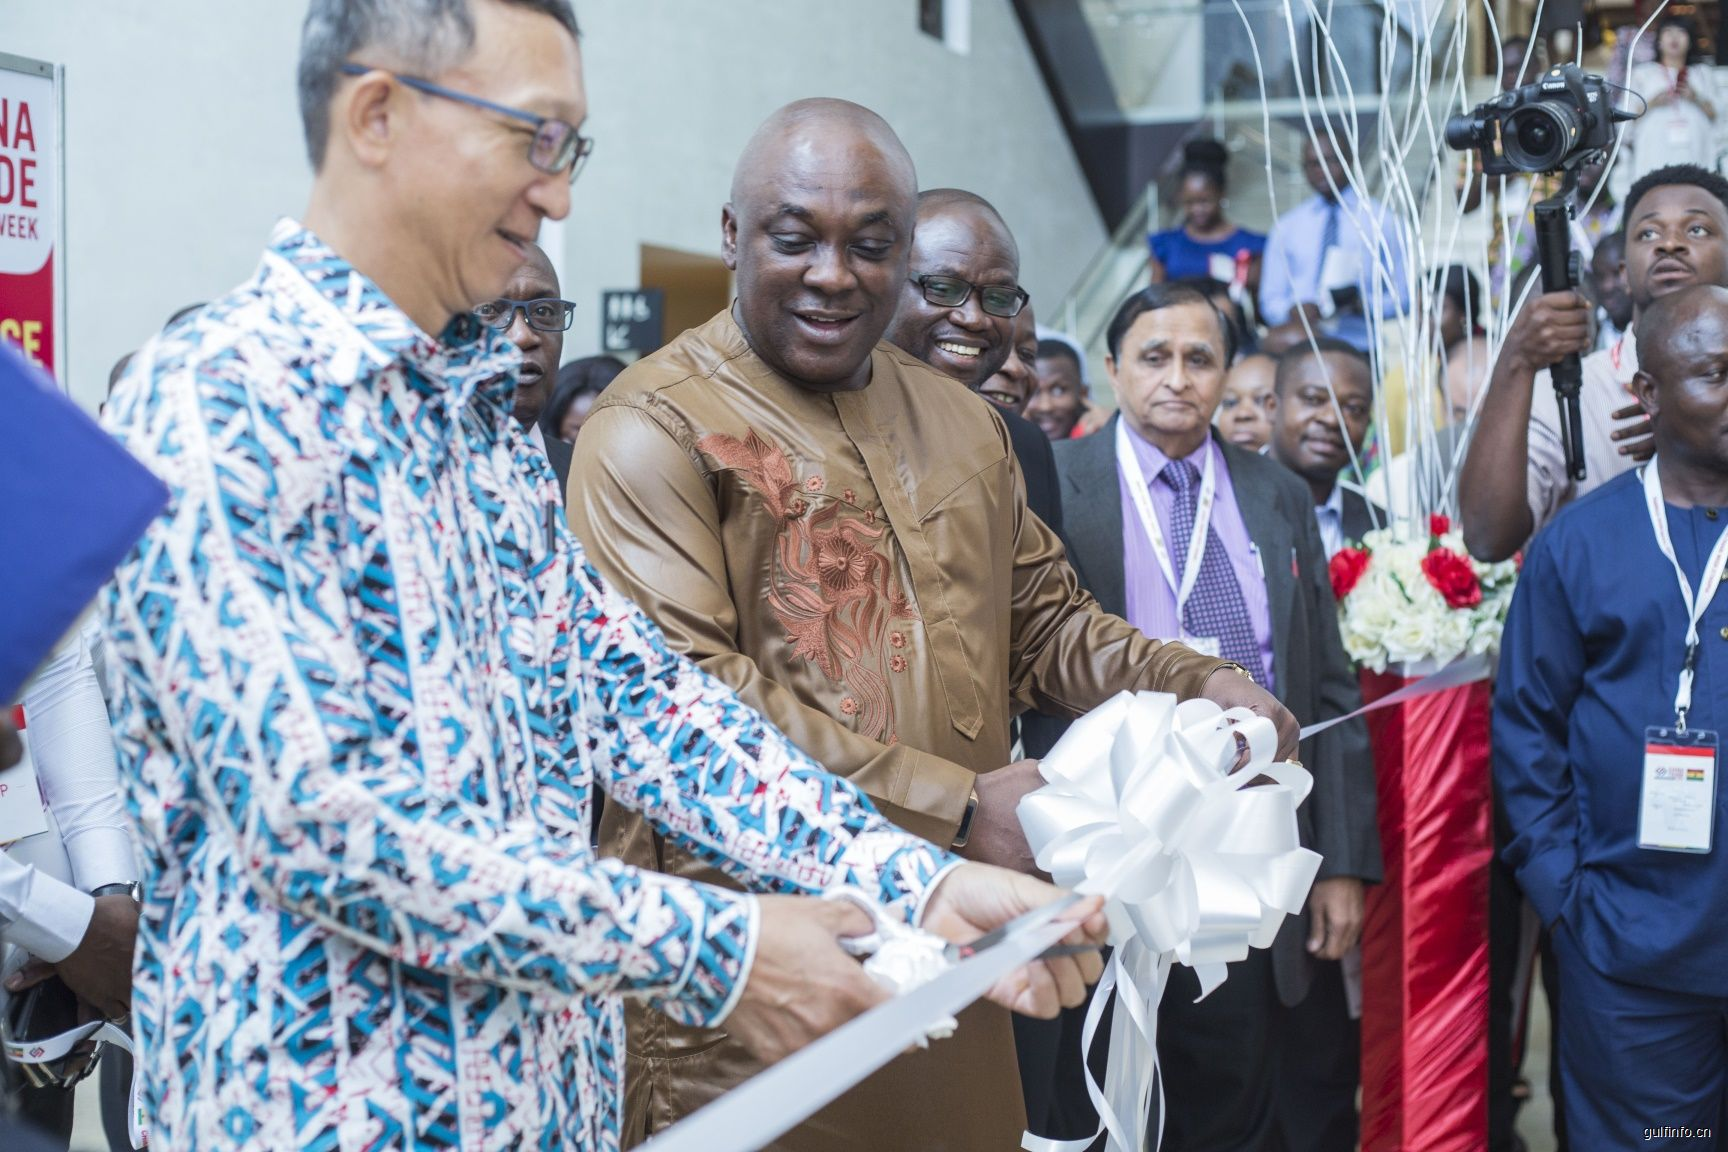 第二届加纳中国贸易周在阿克拉隆重开幕